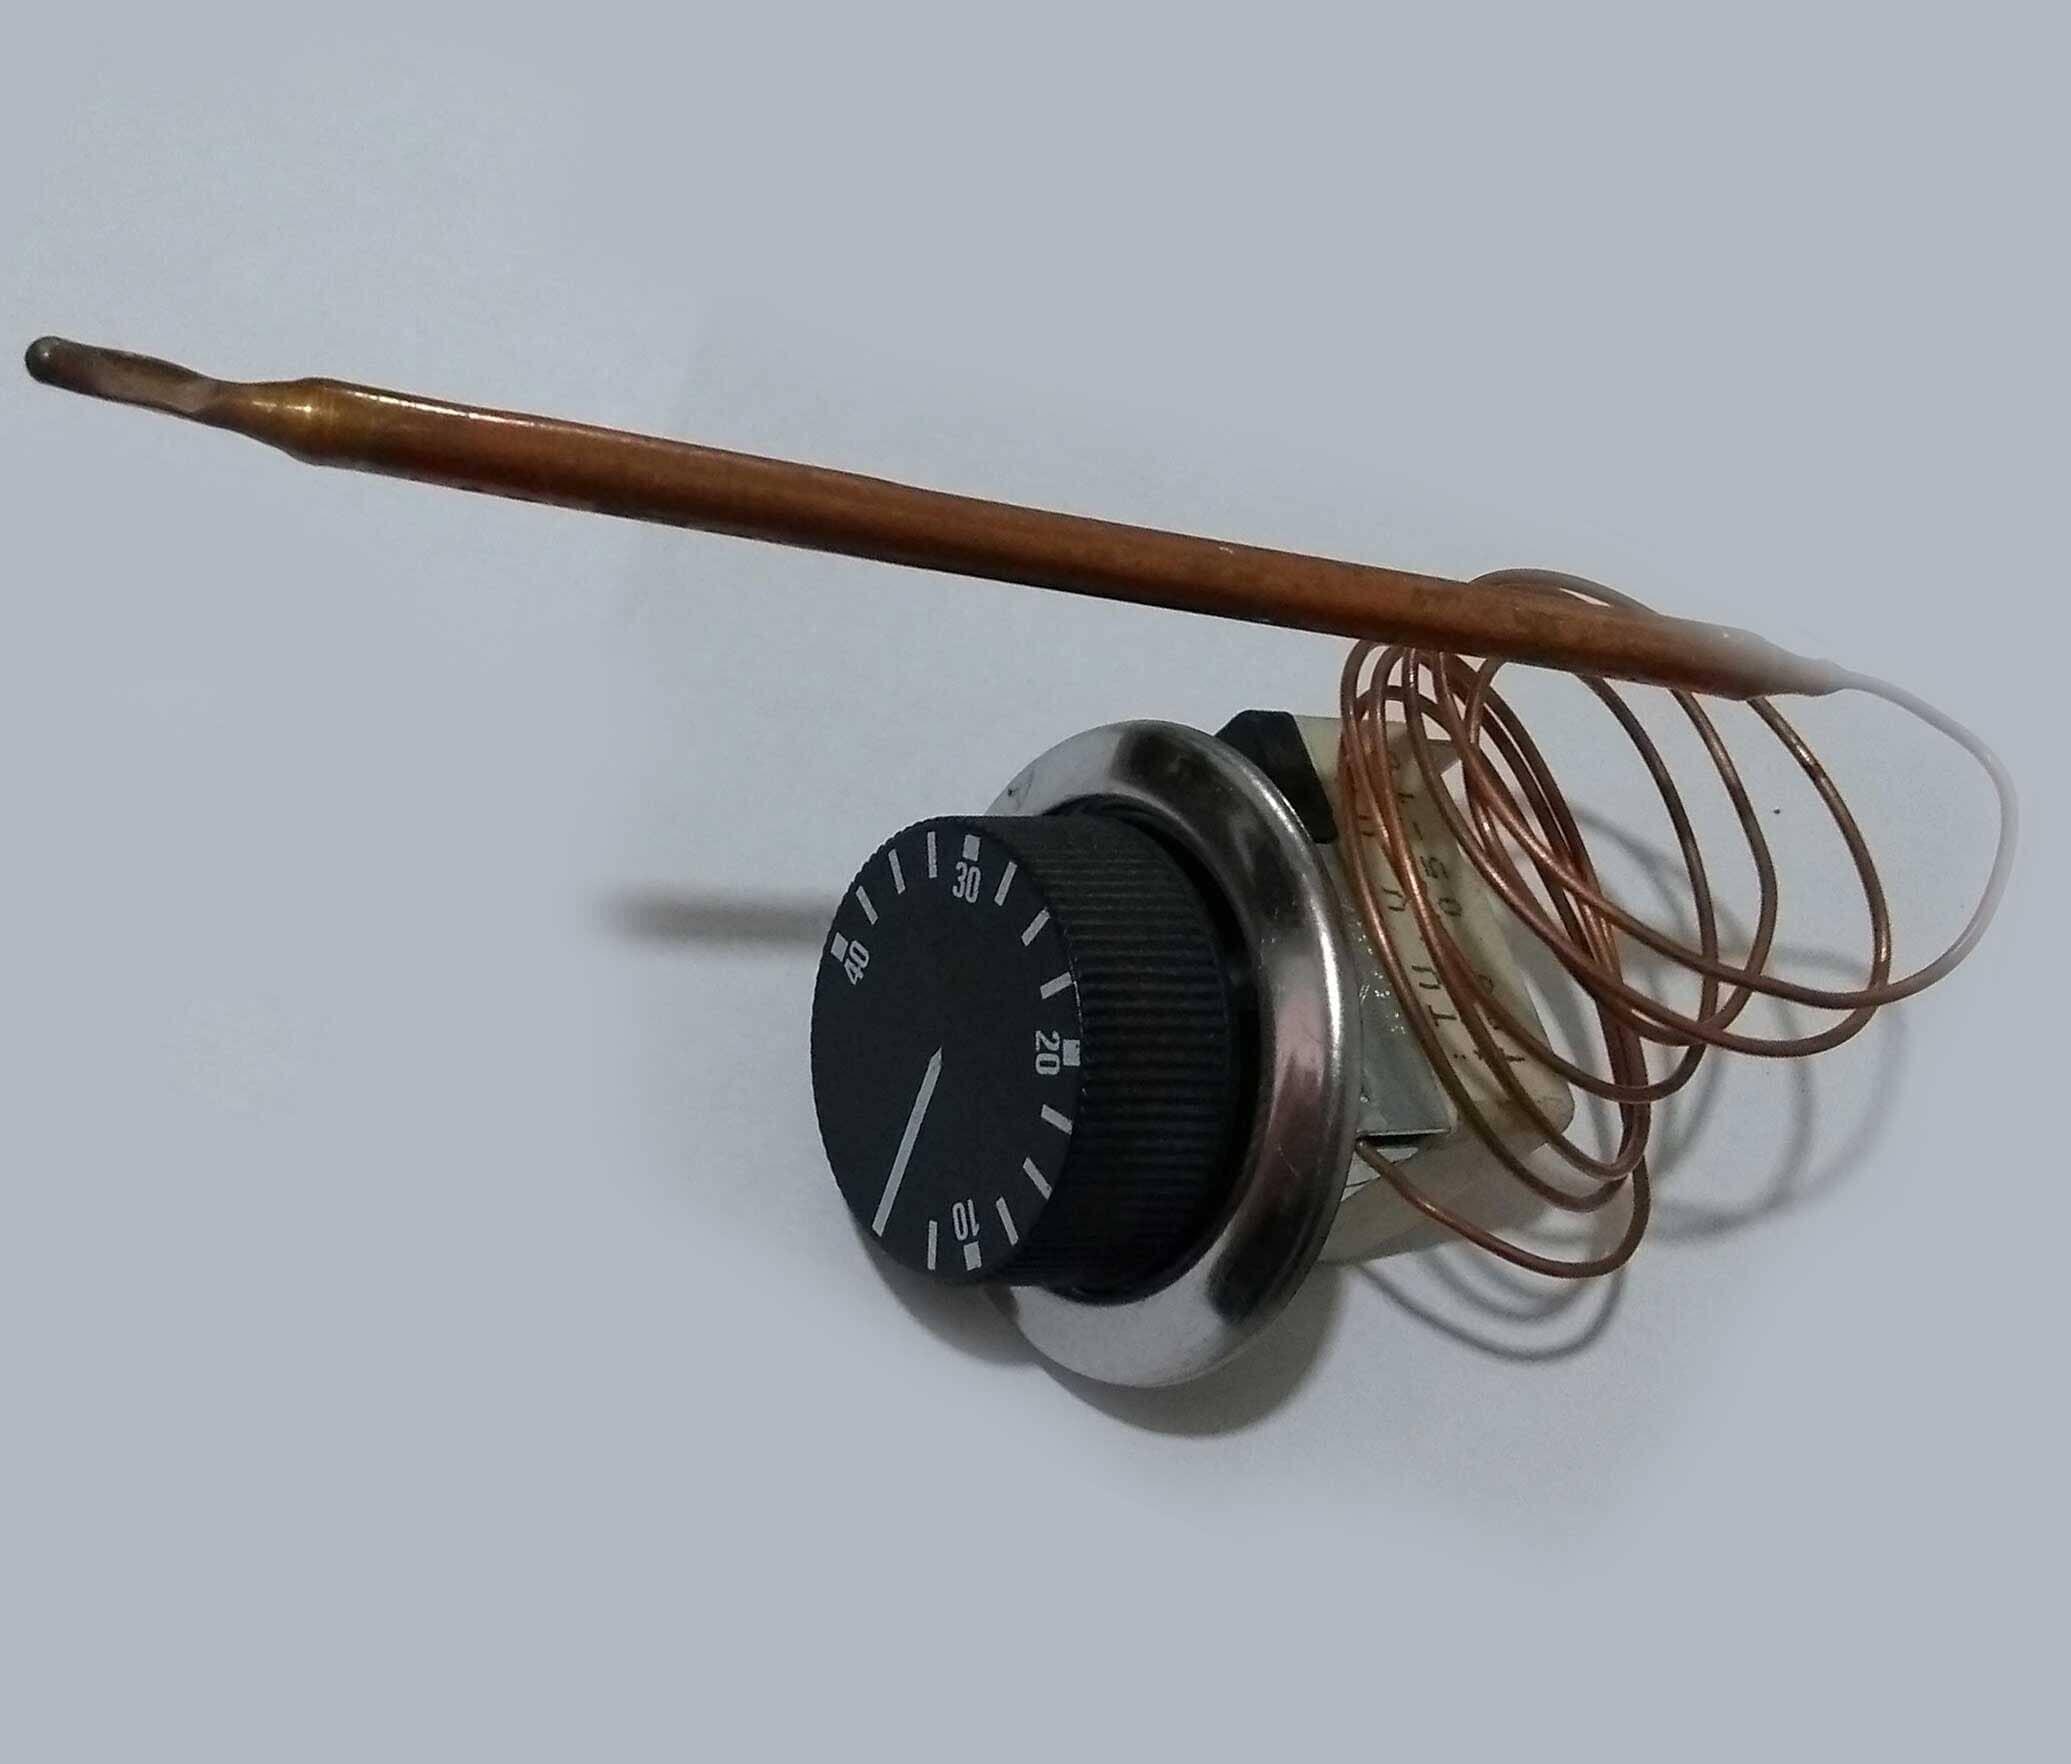 RESISTENCIAS ELECTRICAS DEL CENTRO SA DE CV-Controles de temperatura